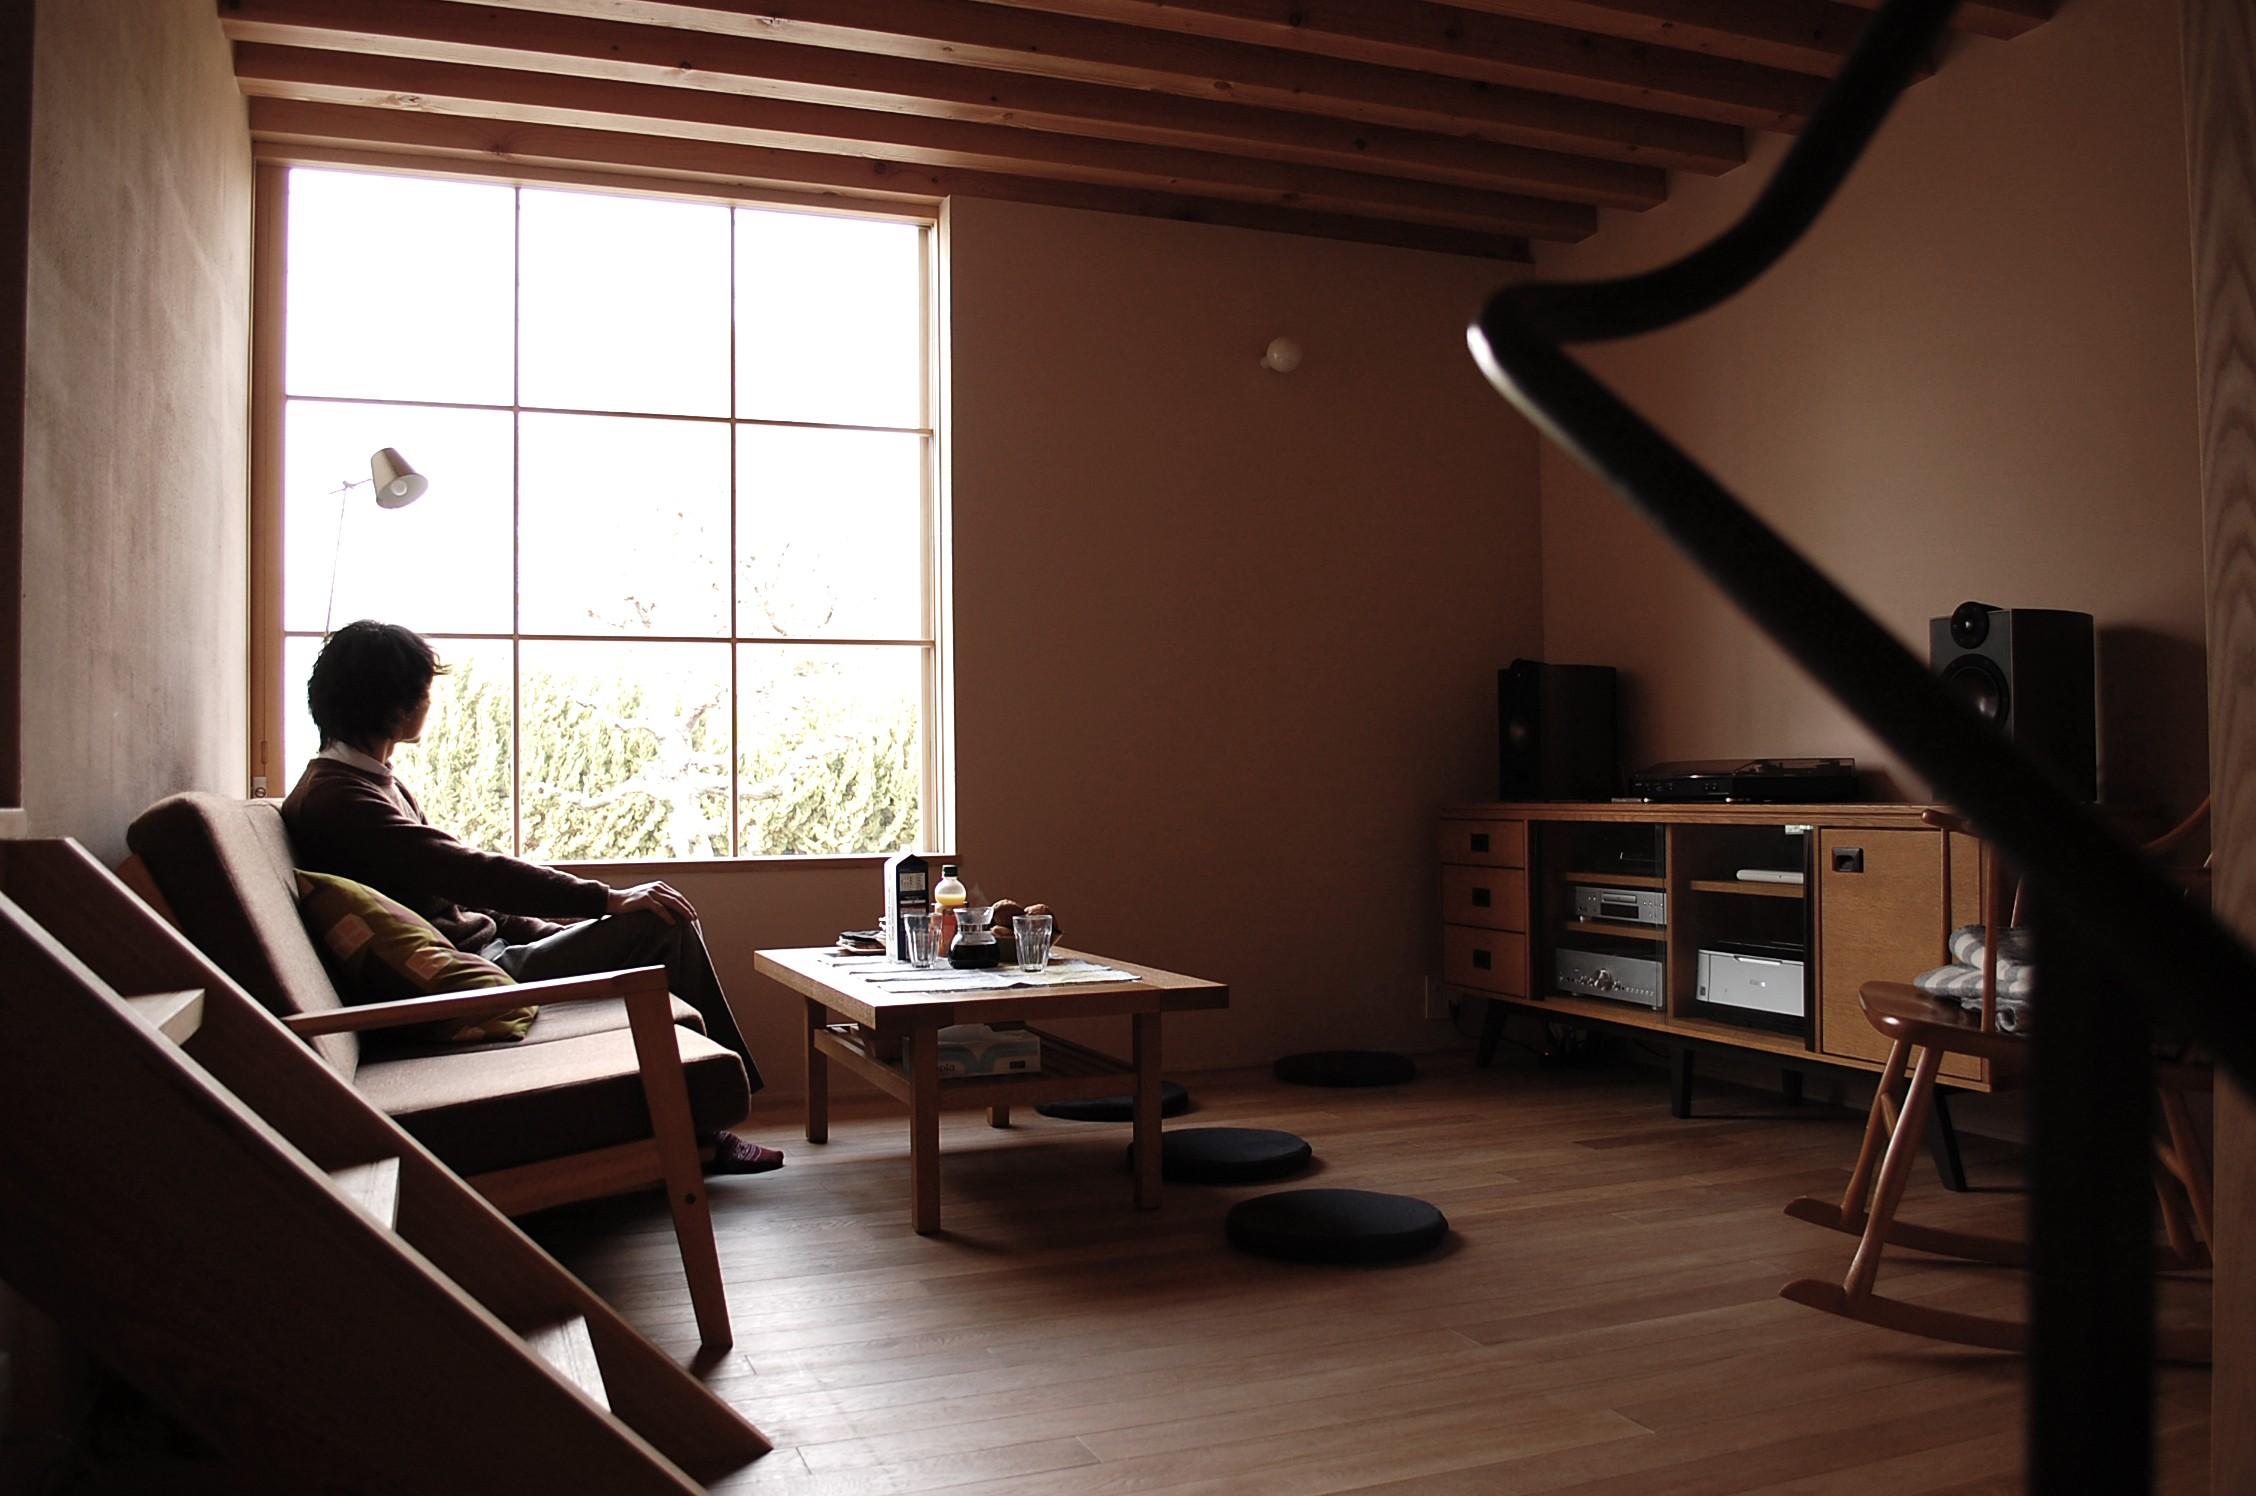 リビングダイニング事例:居間から外を見る。(加納の家)